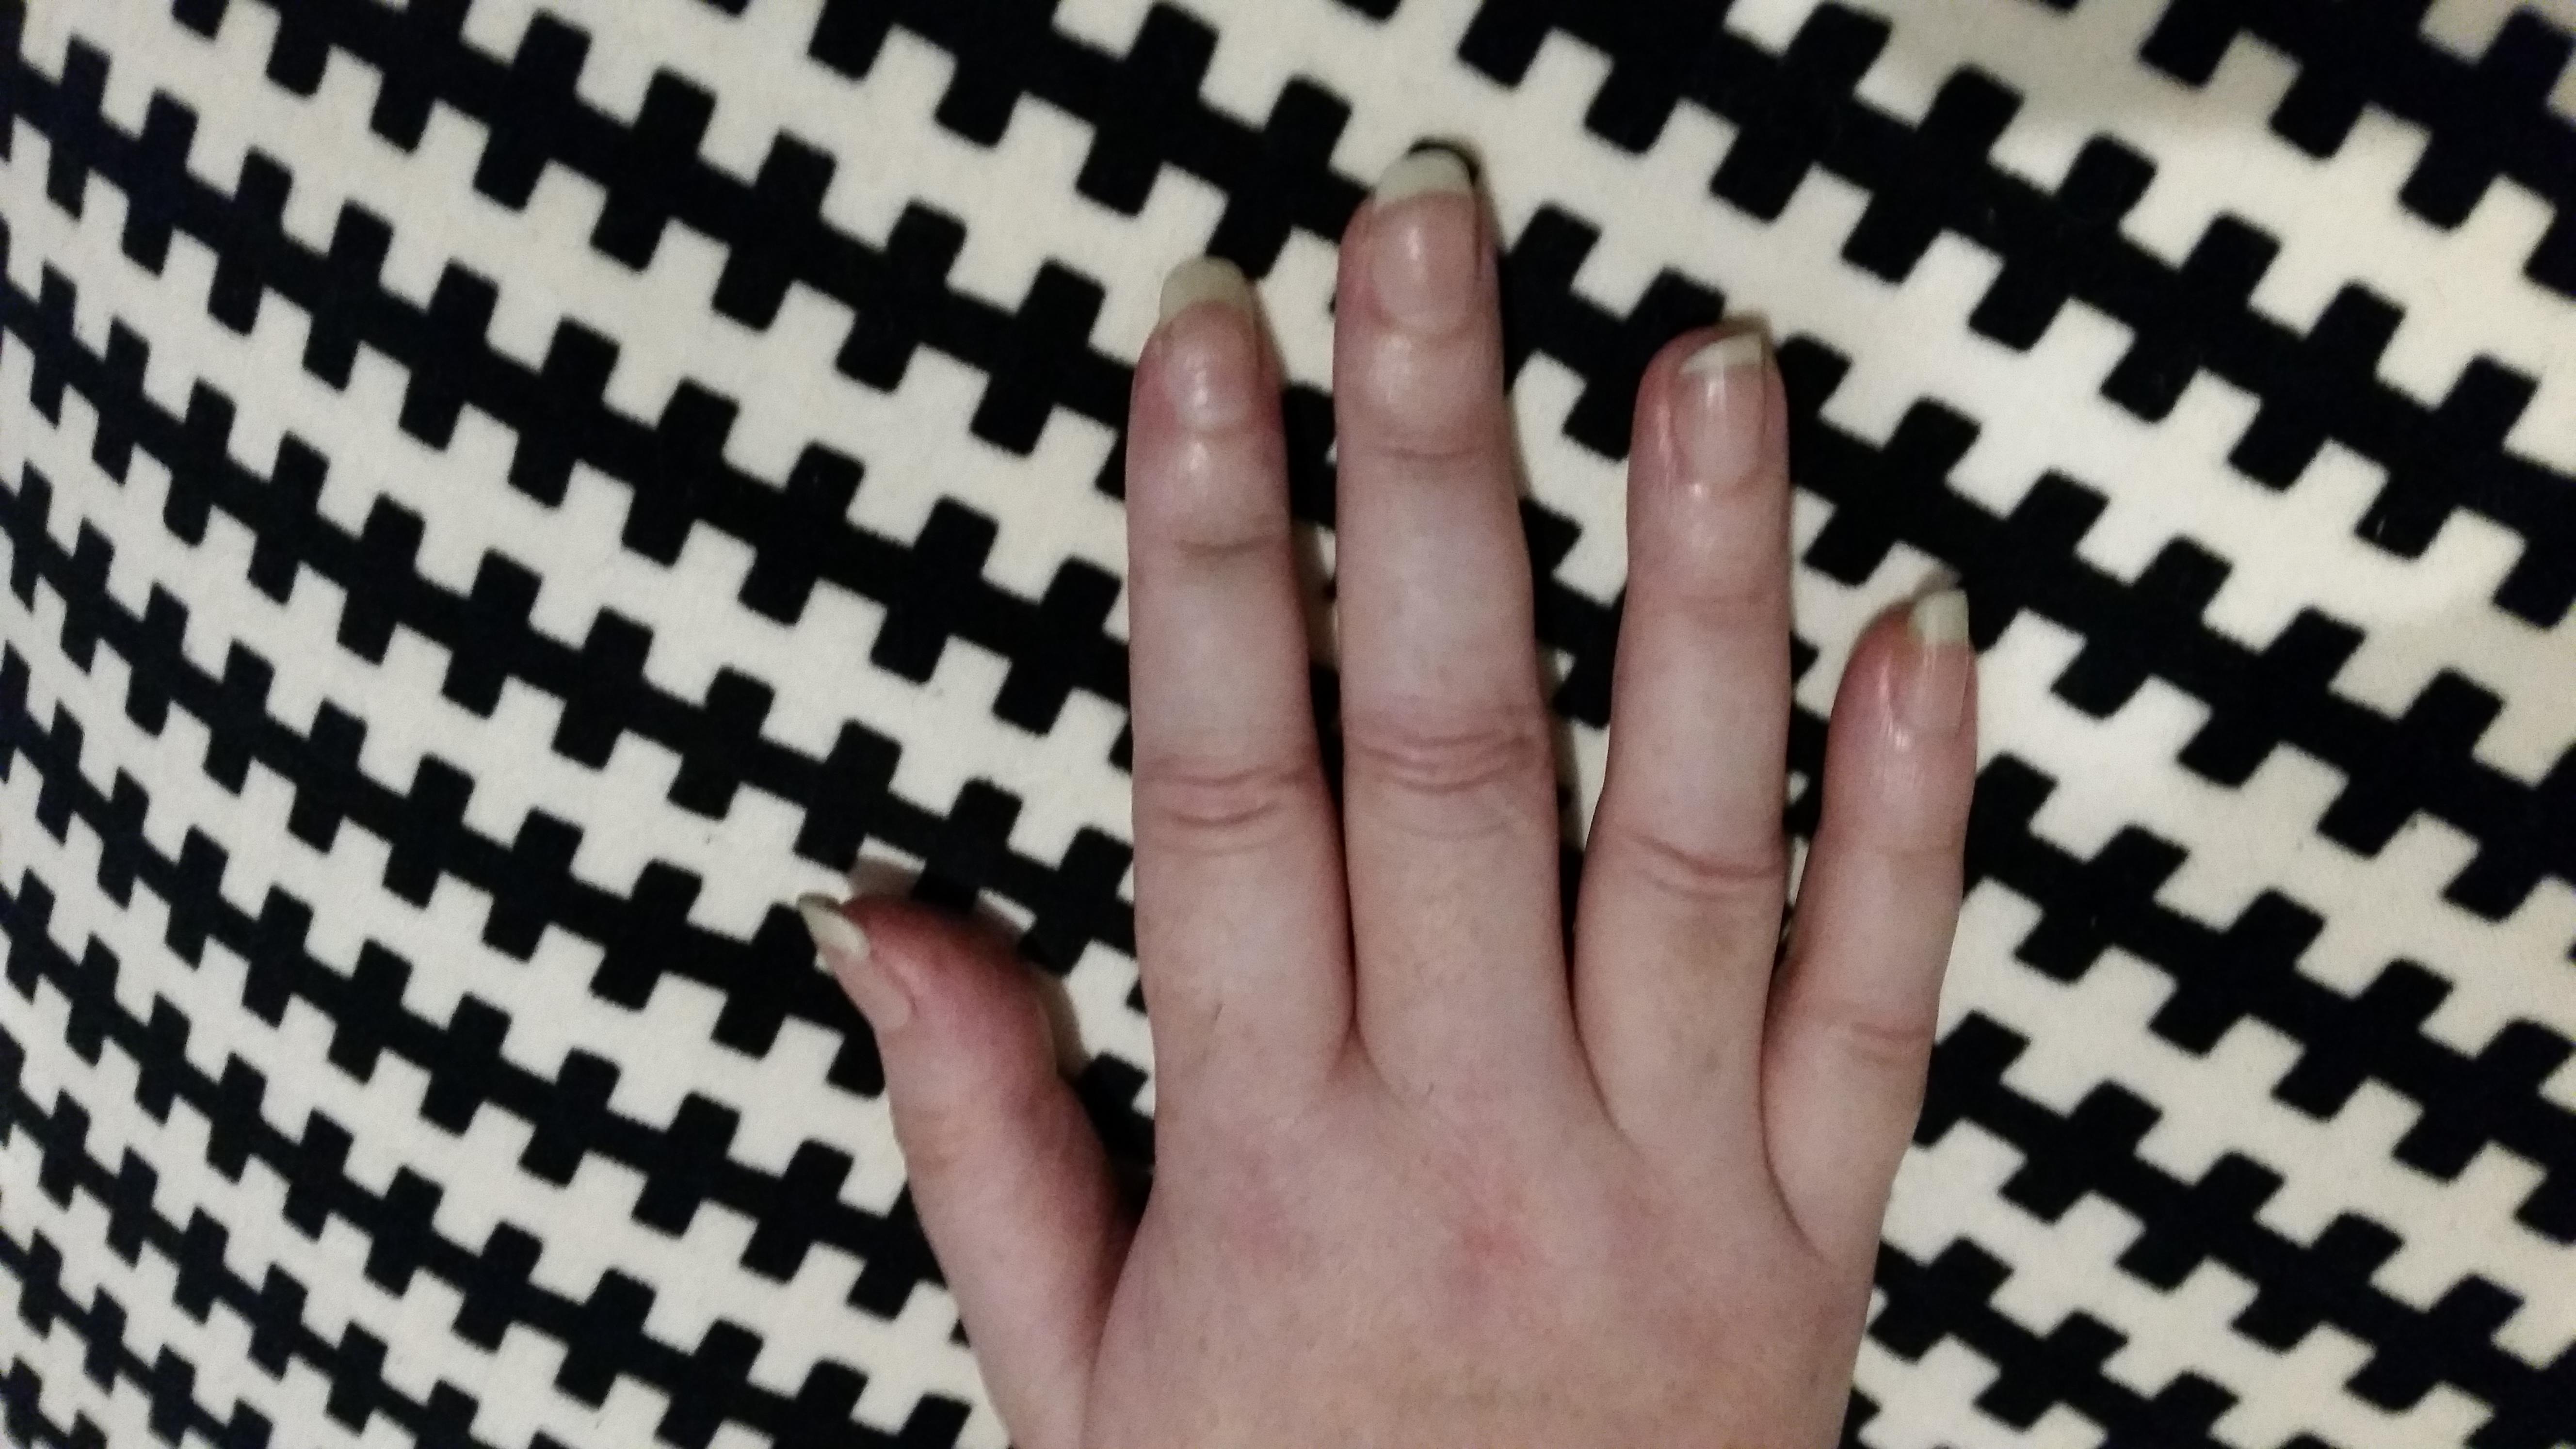 Weird hand